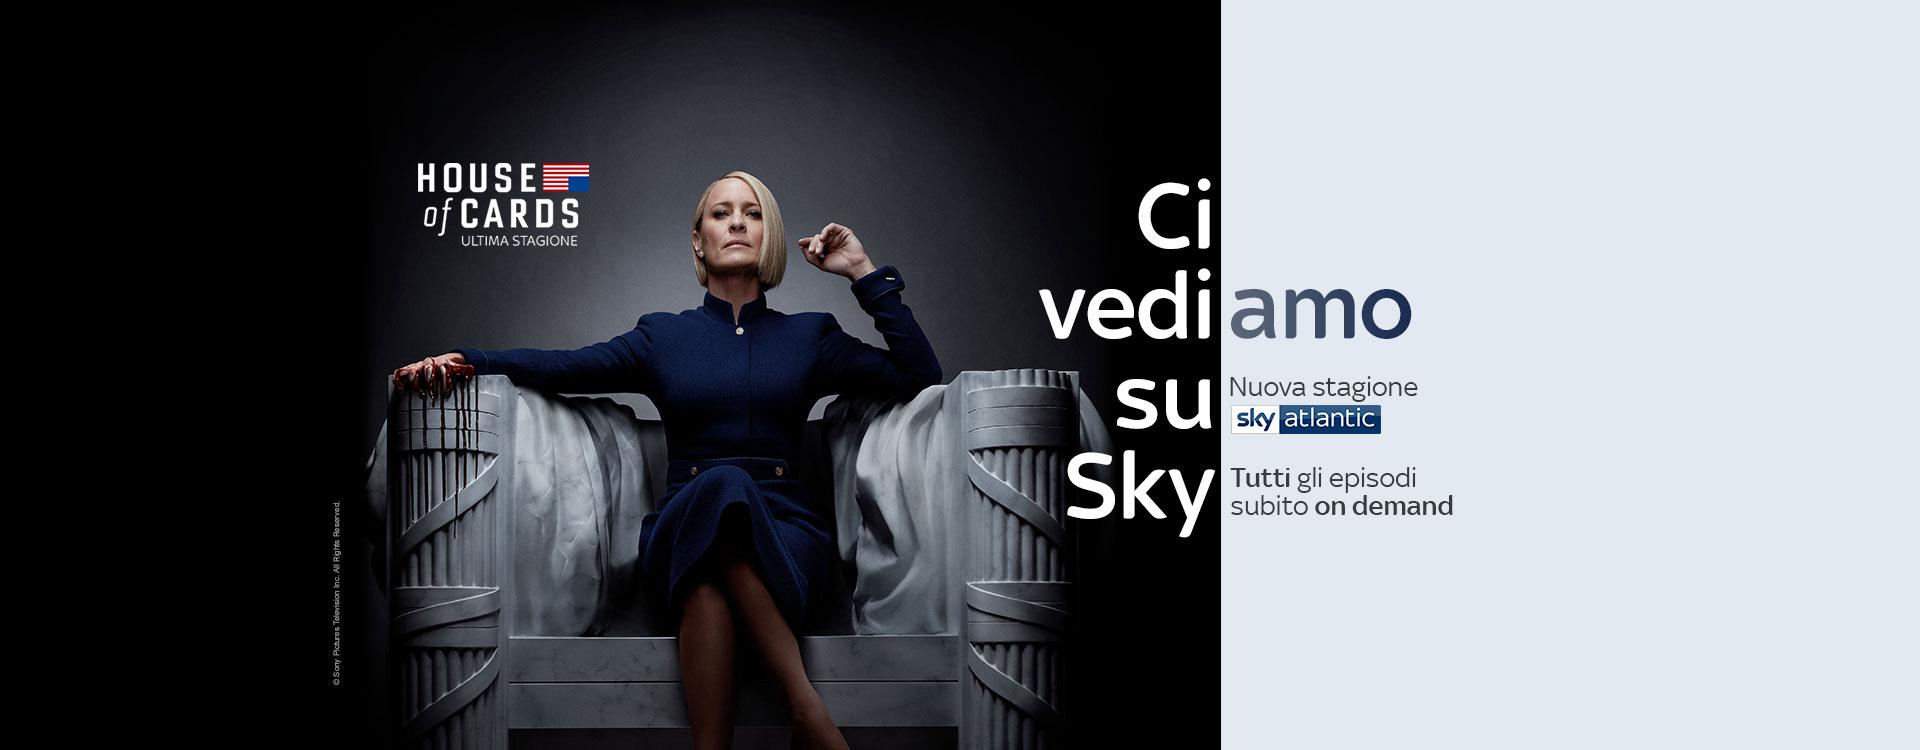 House of Cards 6 da stasera su Sky Atlantic HD e su Box Sets subito tutti gli episodi